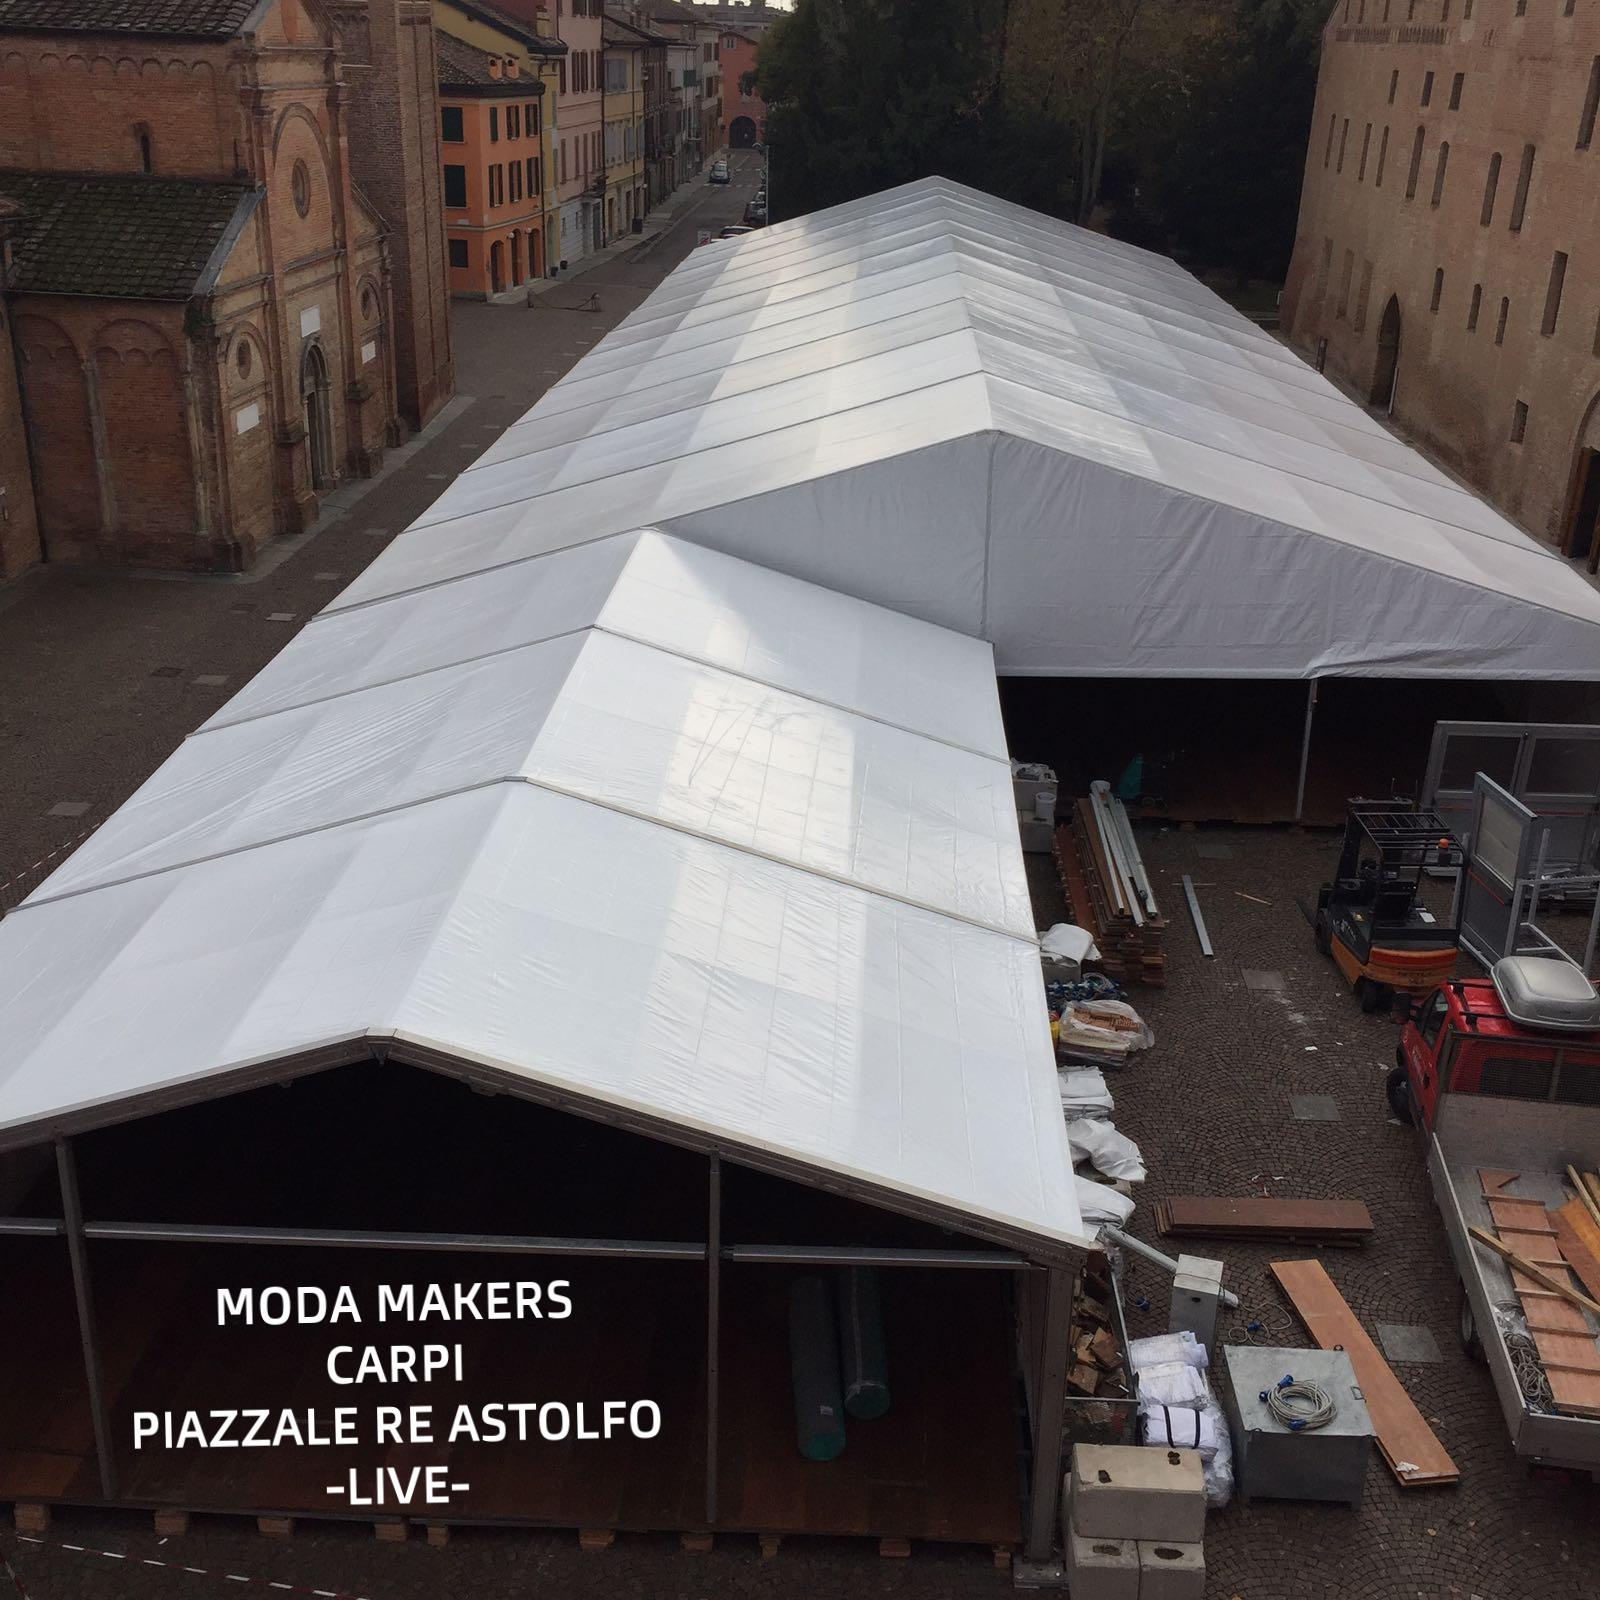 Building temporary event Moda Makers Carpi Italy